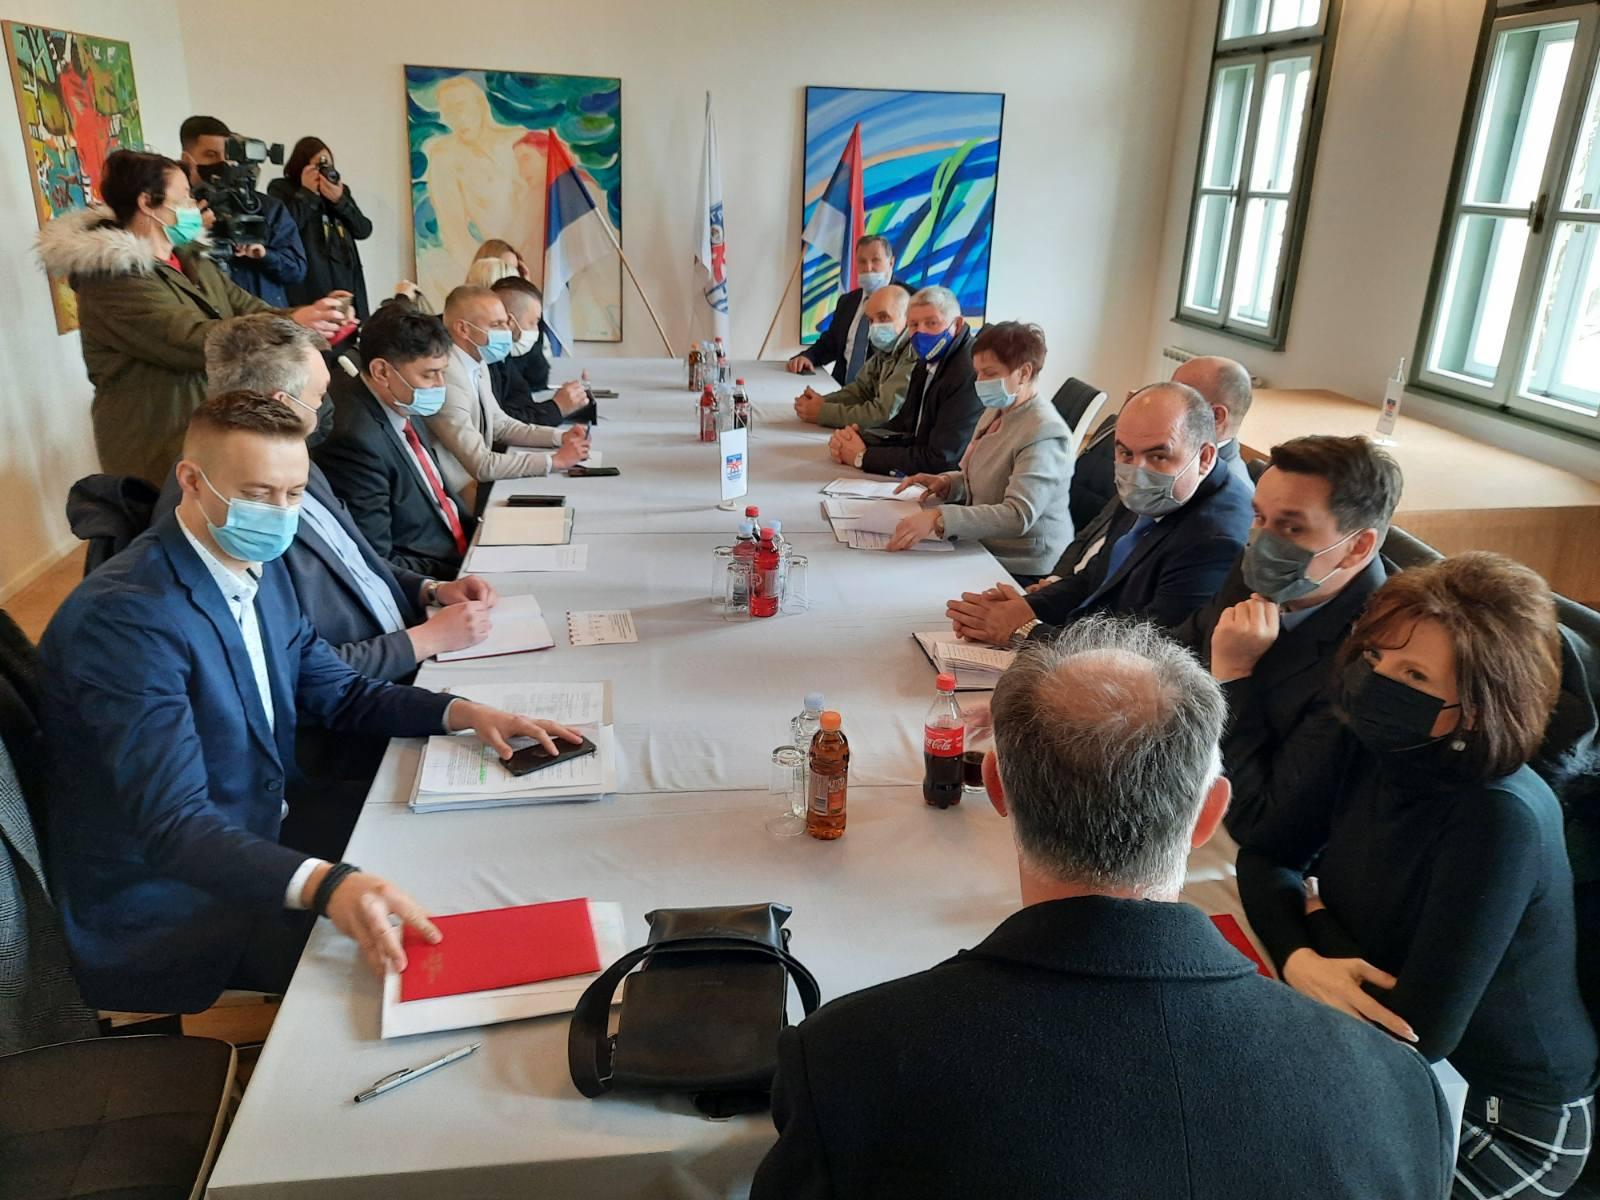 Нови Град - До септембра анализа стања на свих 248 пружних прелаза у Републици Српској